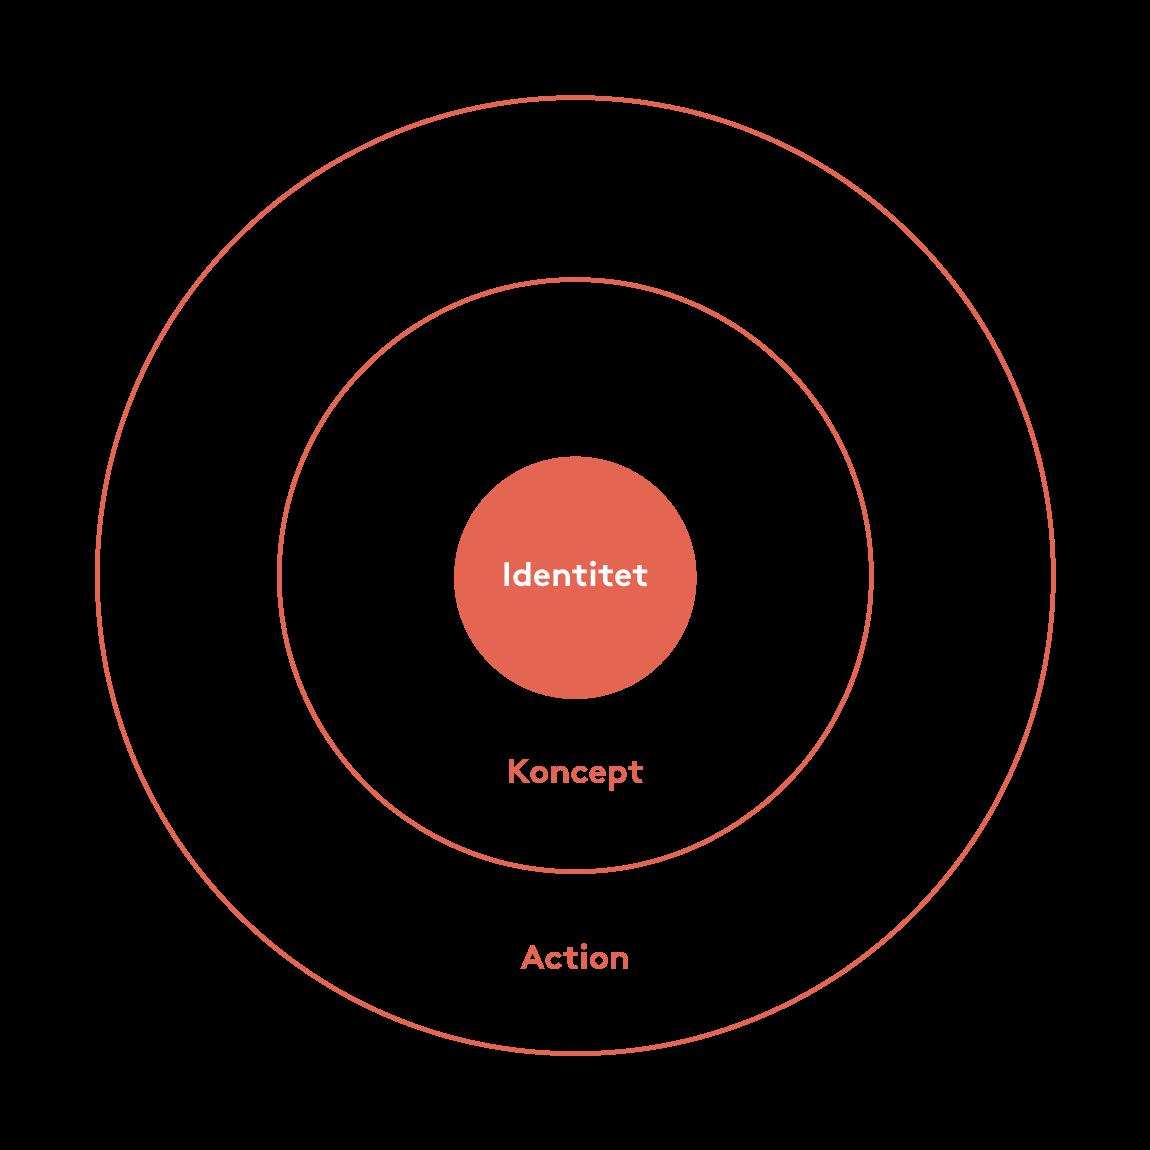 cirkel-rod-strategi-2.png